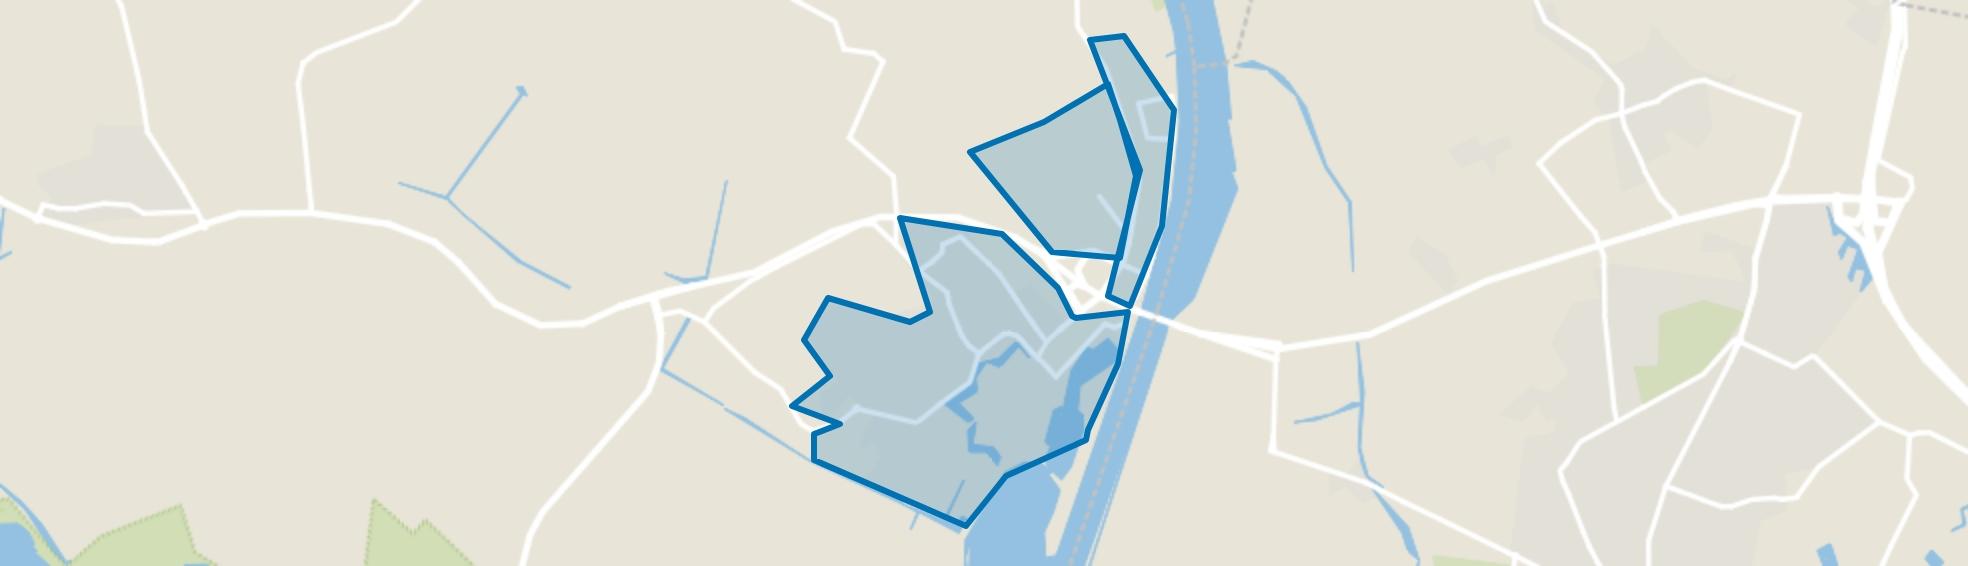 Tholen, Tholen map